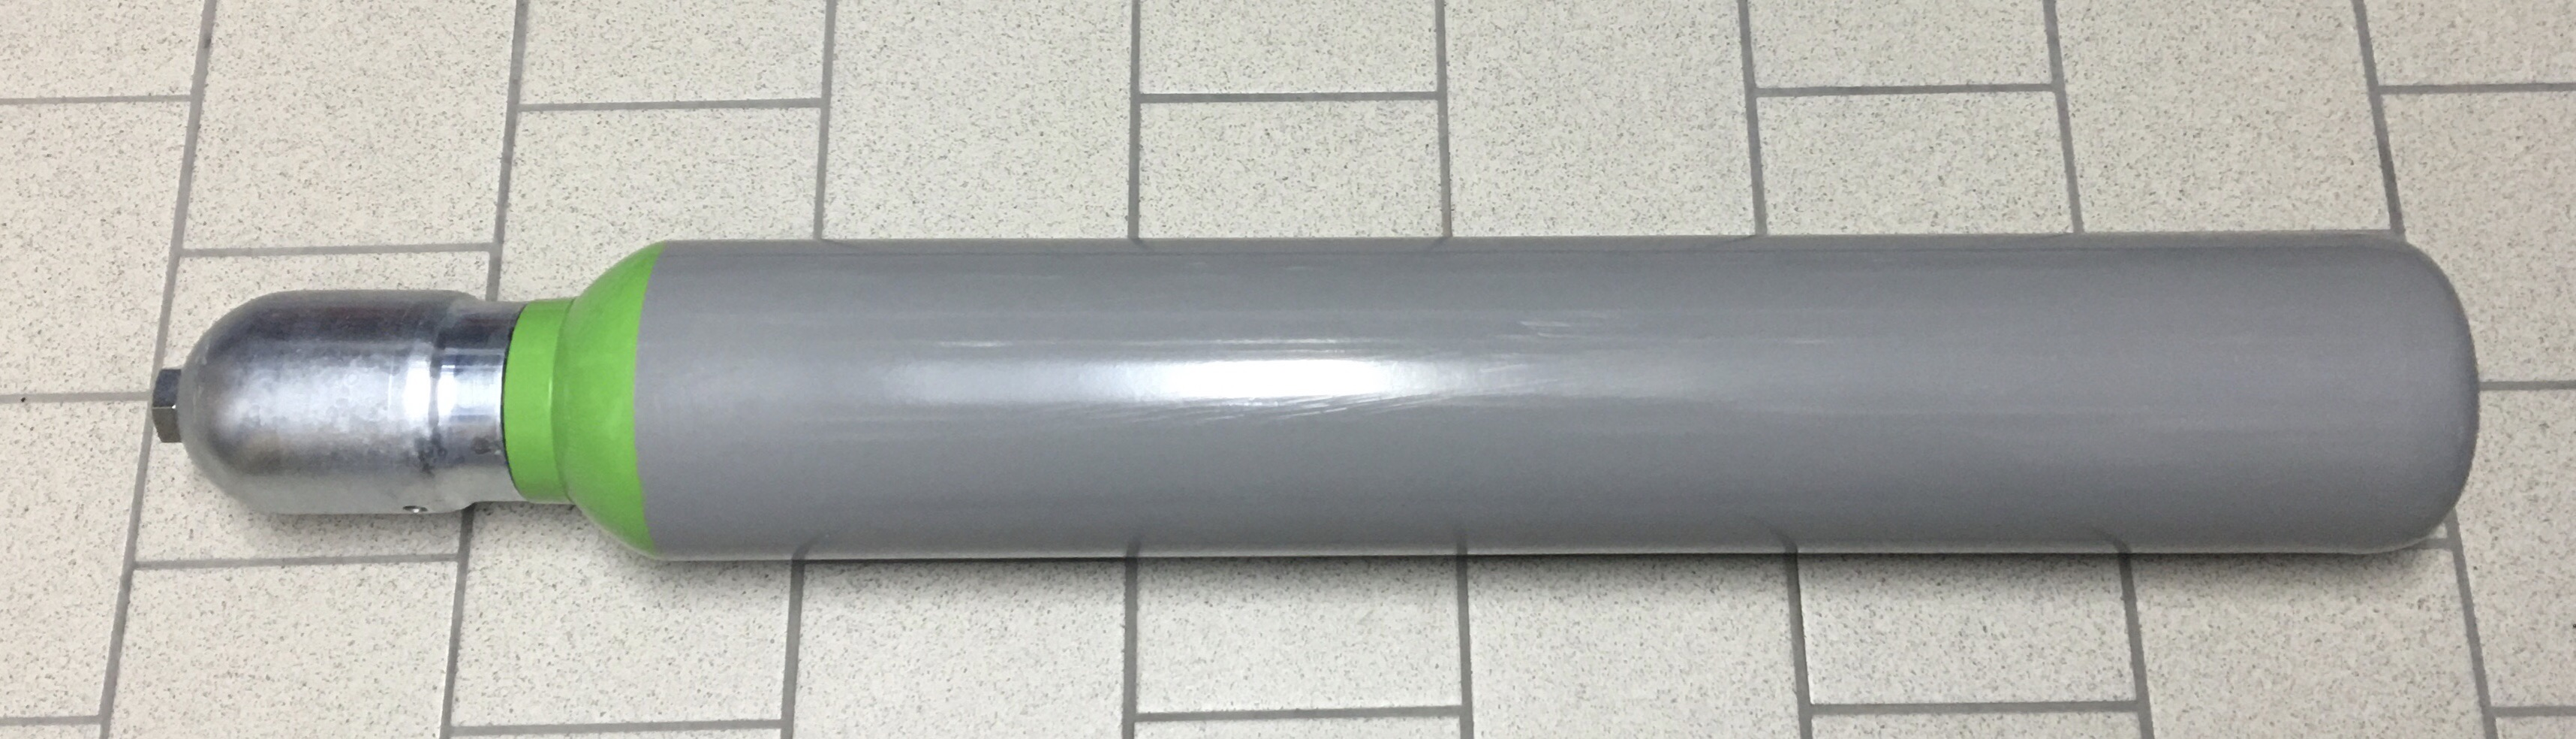 Pressluftflasche 10 Liter / 300 bar